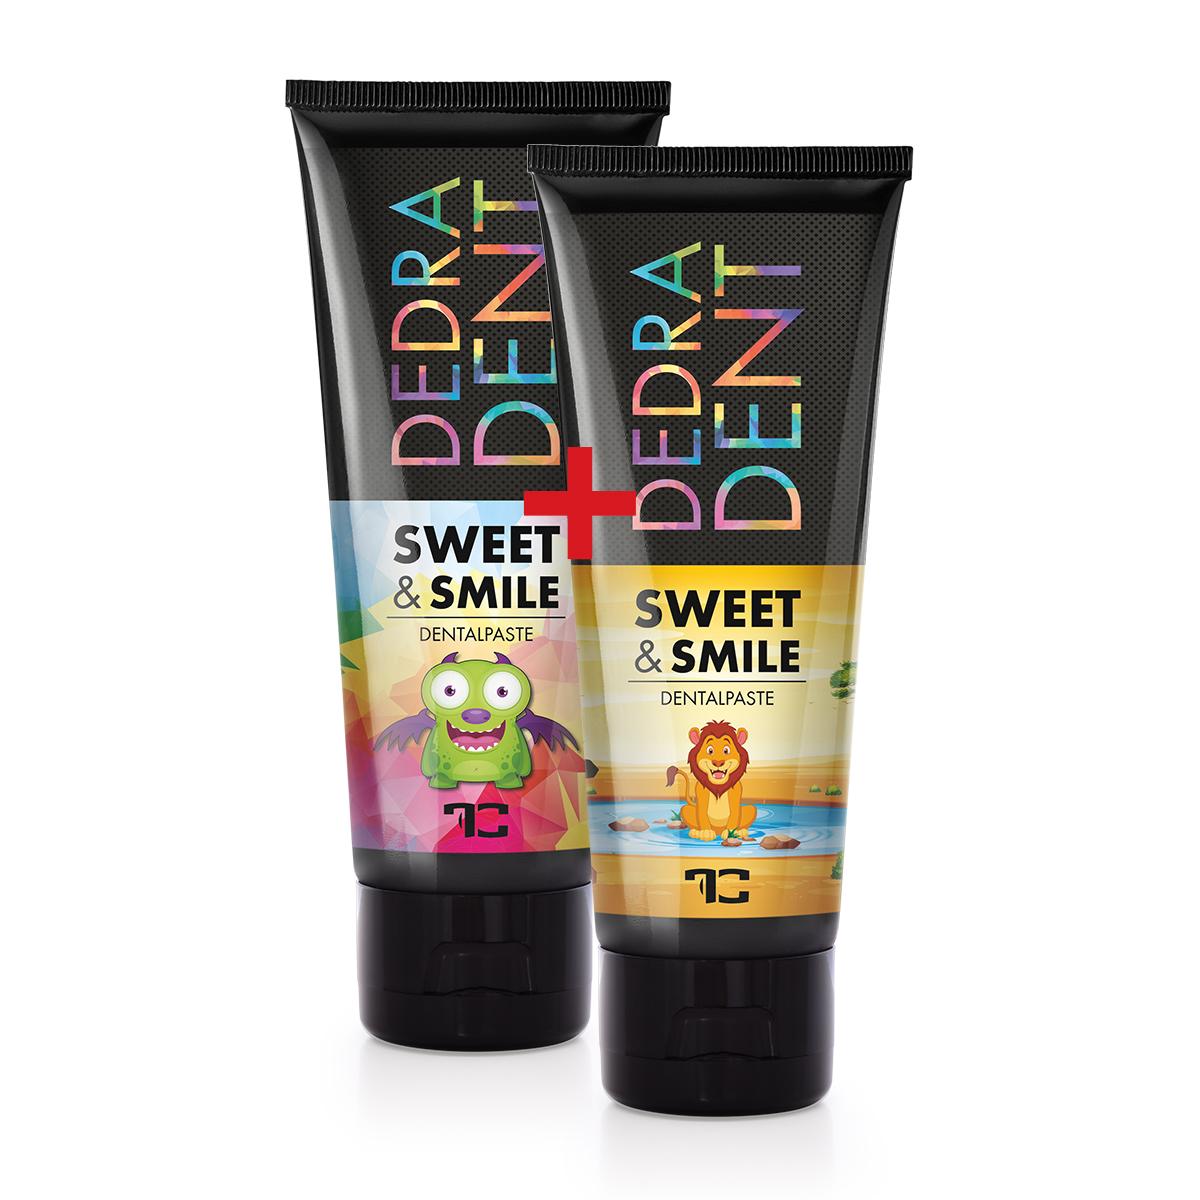 SADA 1 + 1 prírodná detská zubná pasta SWEET & SMILE pre ochranu mliečnych zubov, so žuvačkovou príchuťou, DEDRA DENT, 2x 50 ml